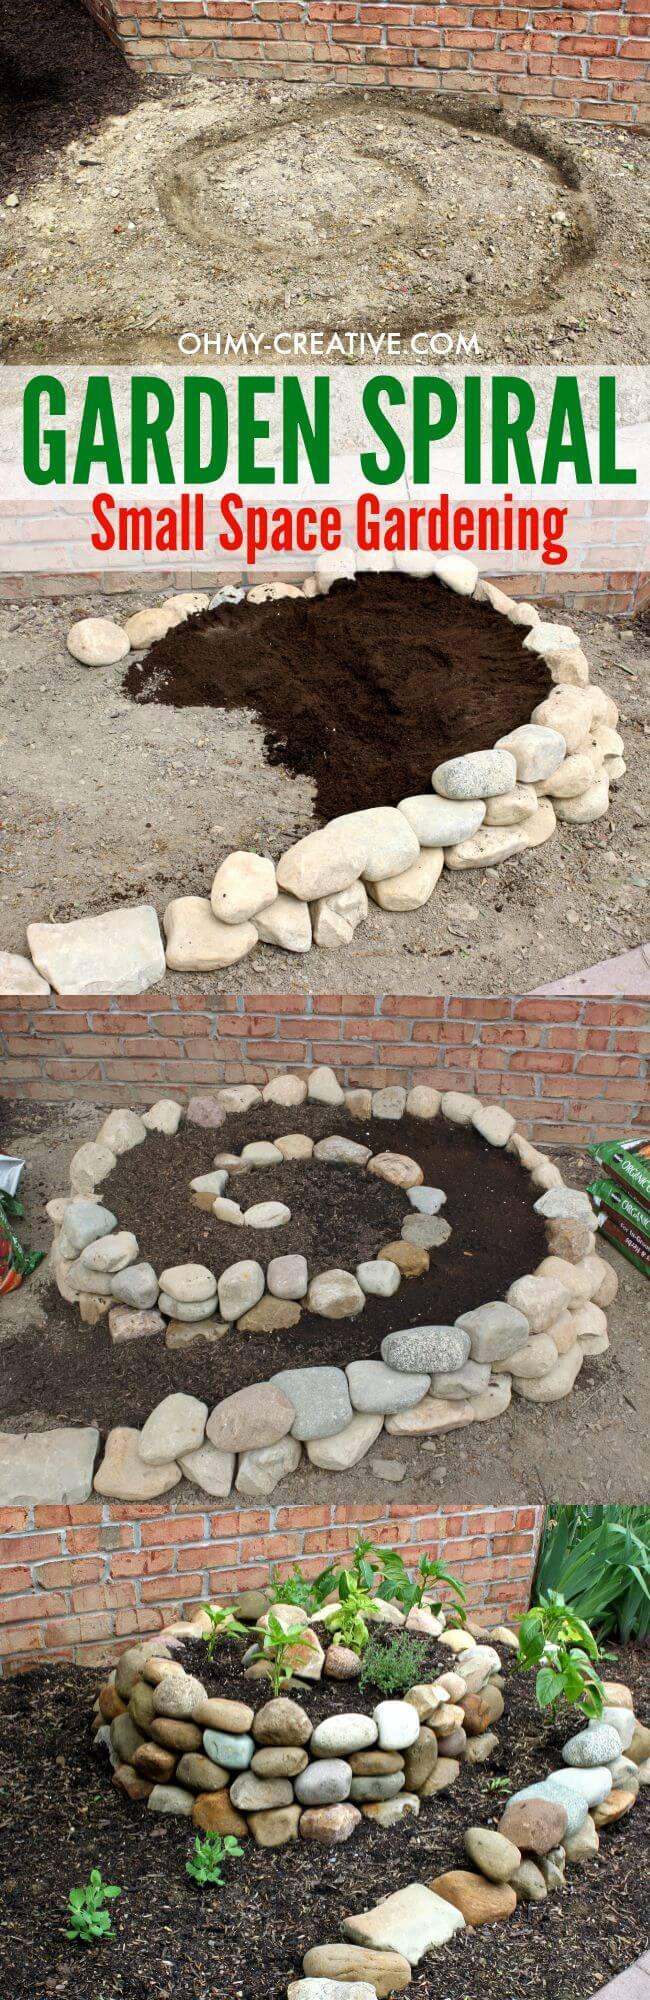 23 Best DIY Garden Ideas and Designs with Rocks for 2020 on Small Garden Ideas With Rocks id=40197